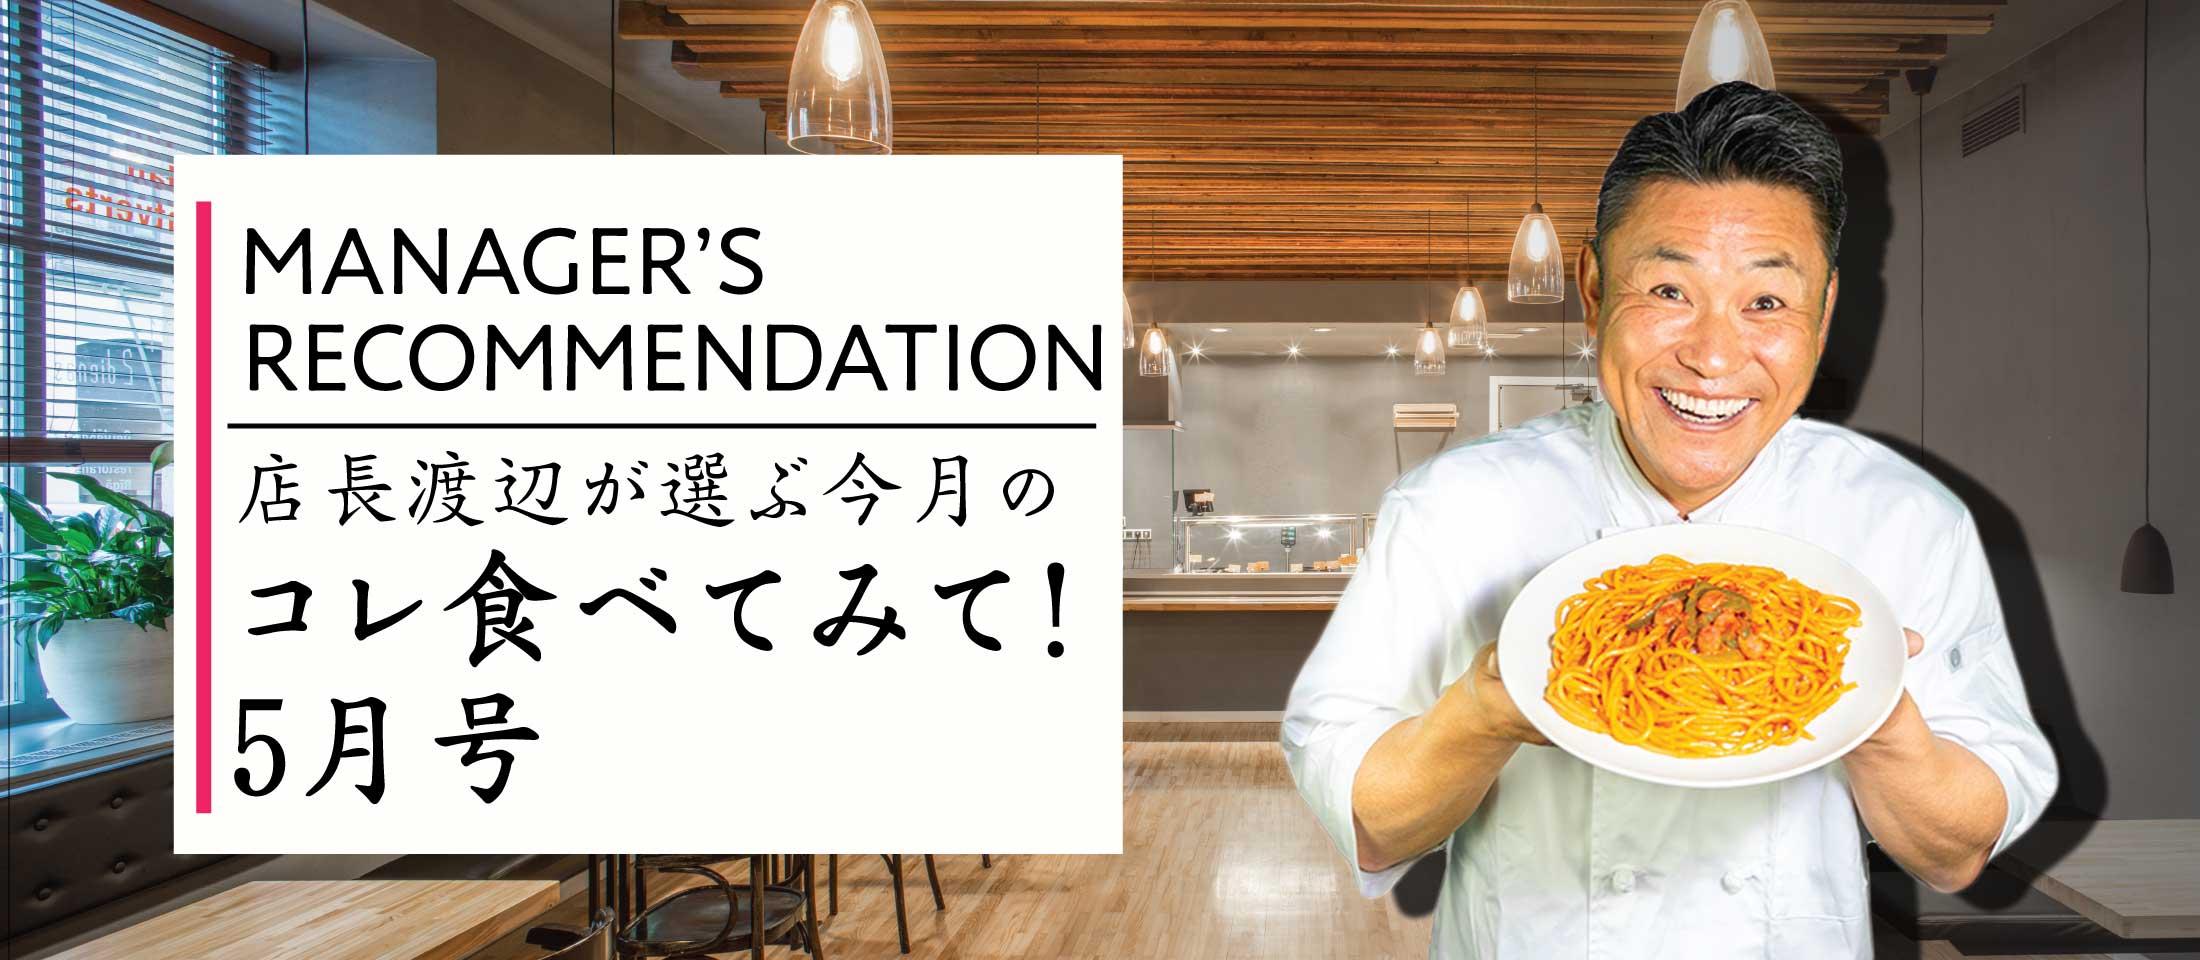 店長おすすめ業務用食品 業務用食品・冷凍食品おすすめ 業務用食品・冷凍食品の通販 |ナカヤマフーズ